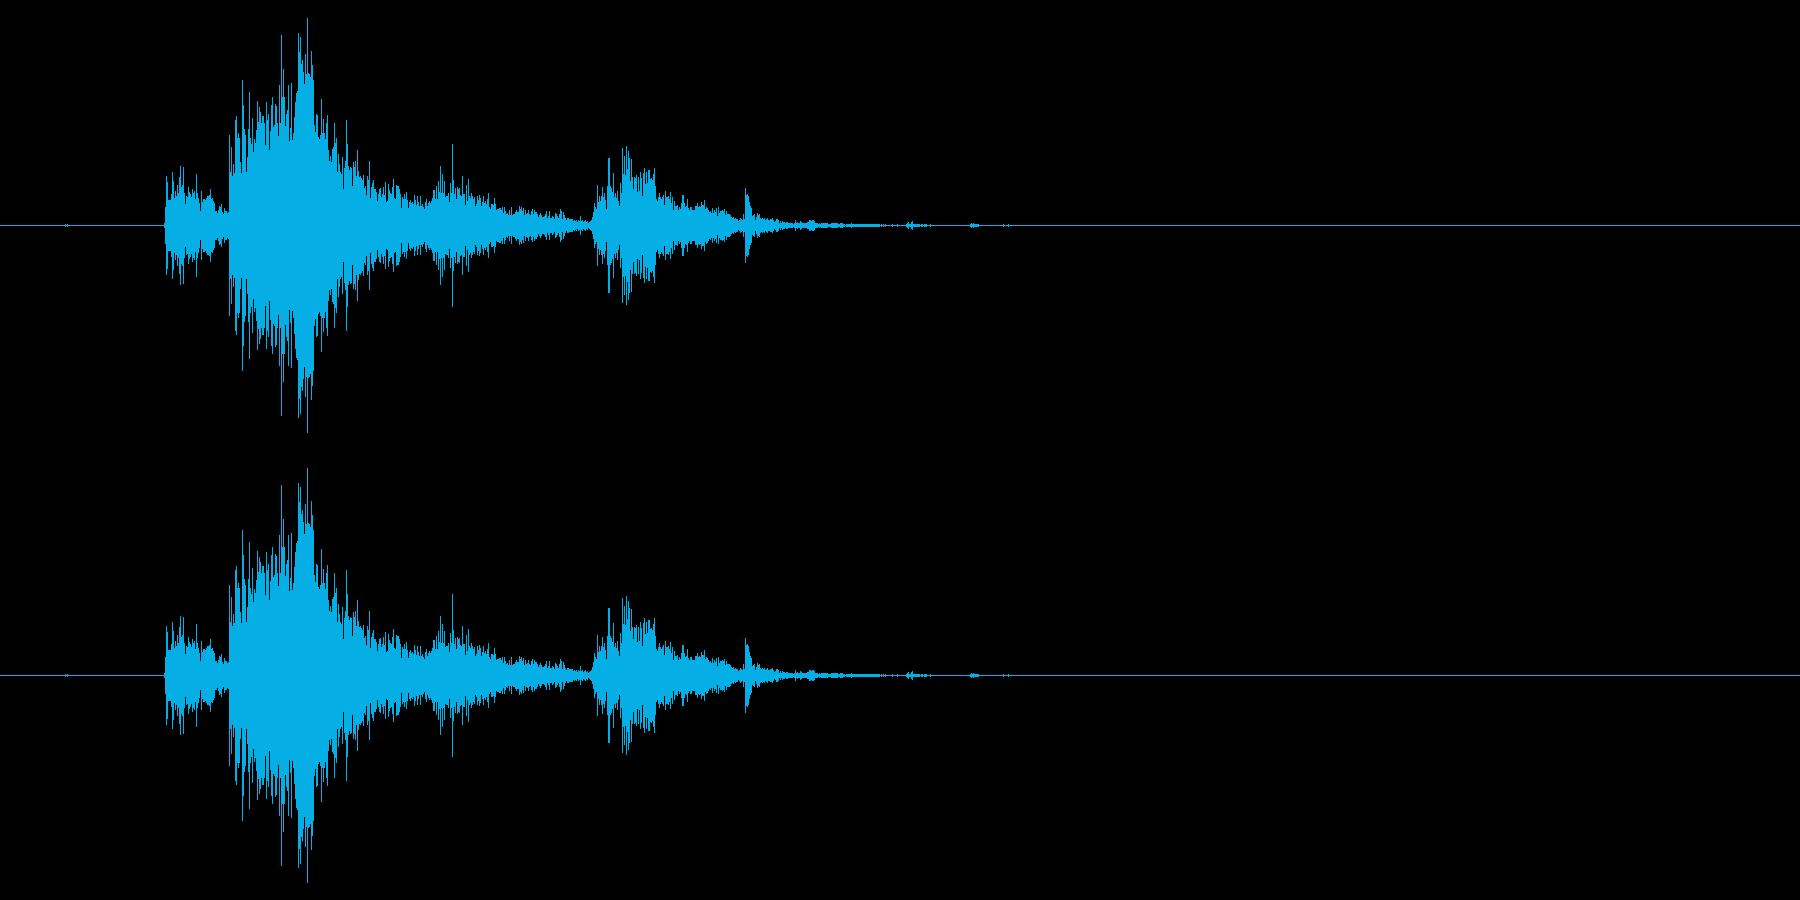 カシャン(剣を落とした音)の再生済みの波形